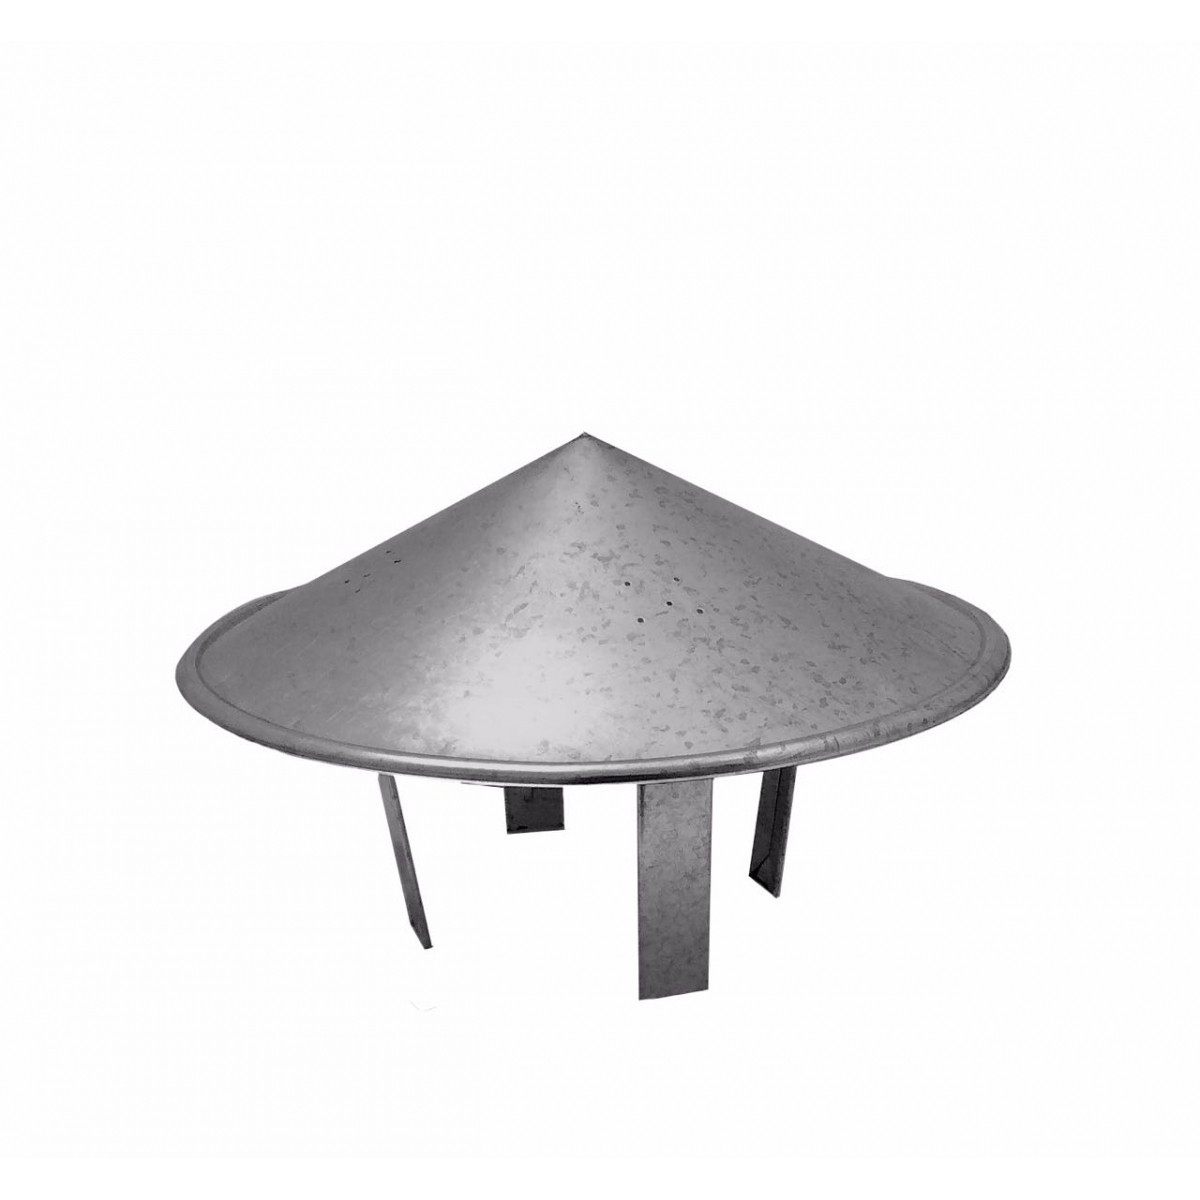 Chapéu chinês galvanizado para dutos de 26 cm de diâmetro para topo de chaminé  - Galvocalhas